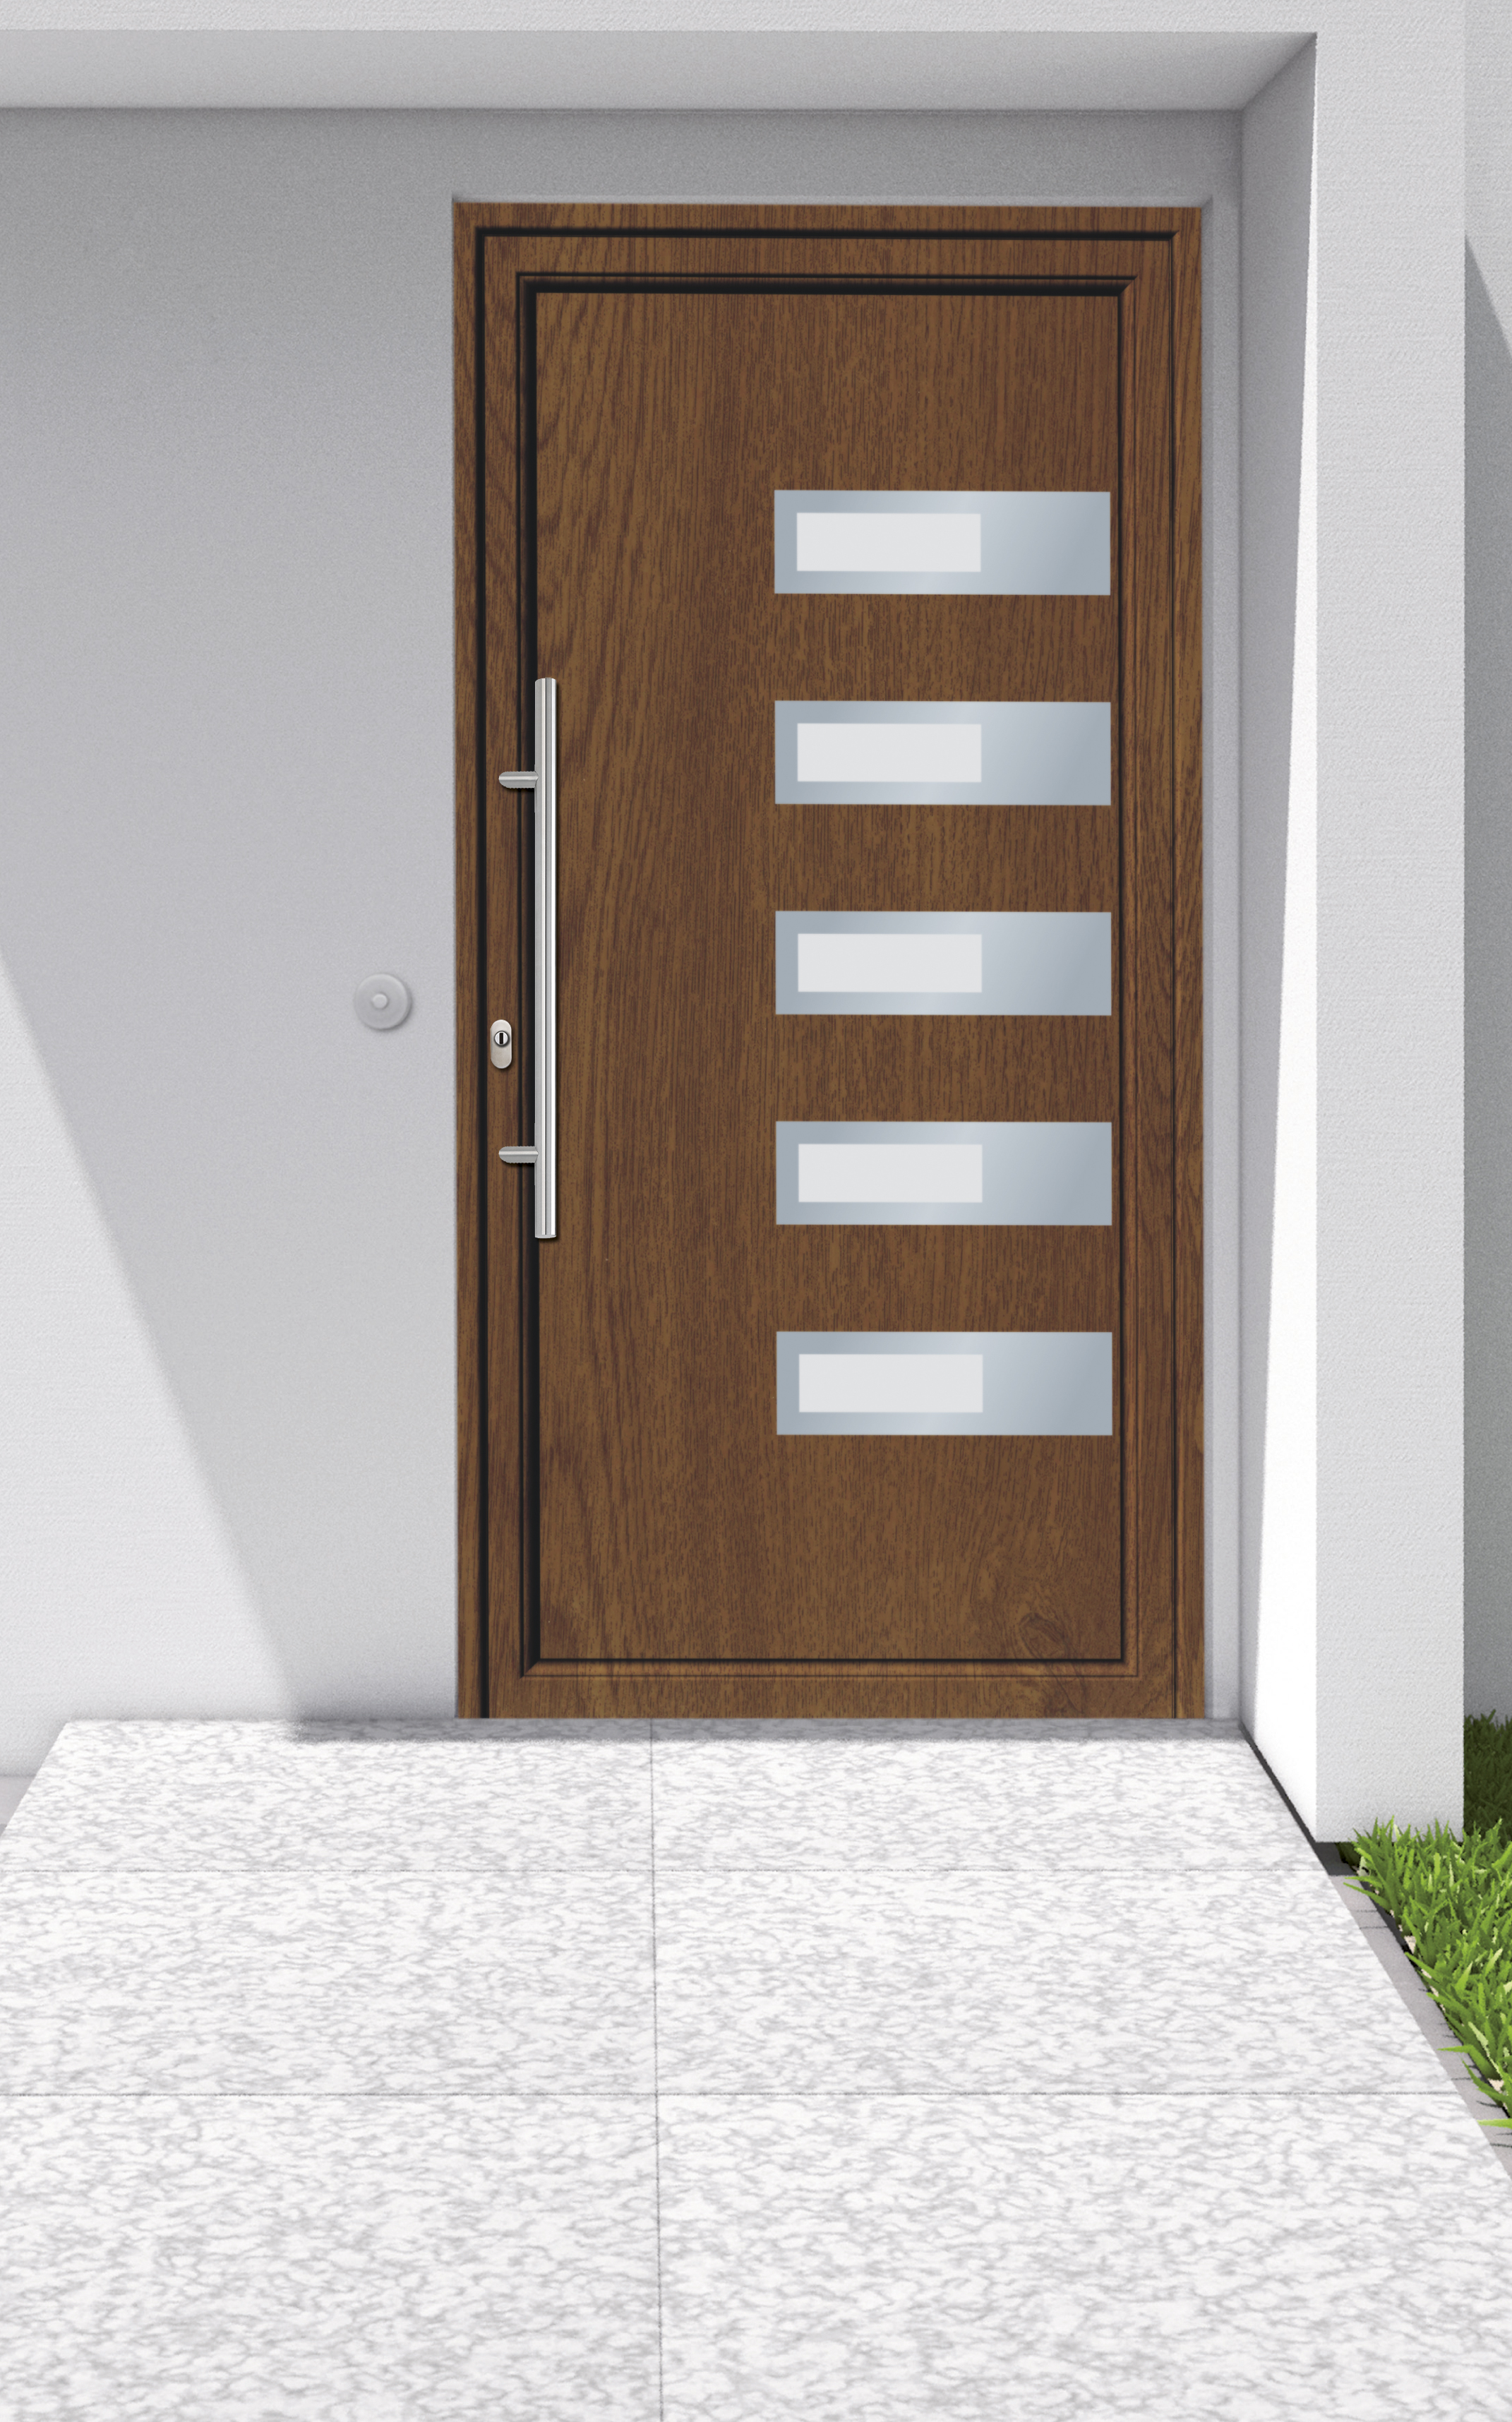 Porte d 39 ingresso securo l 39 innovazione a becco a - Maniglia porta ingresso ...